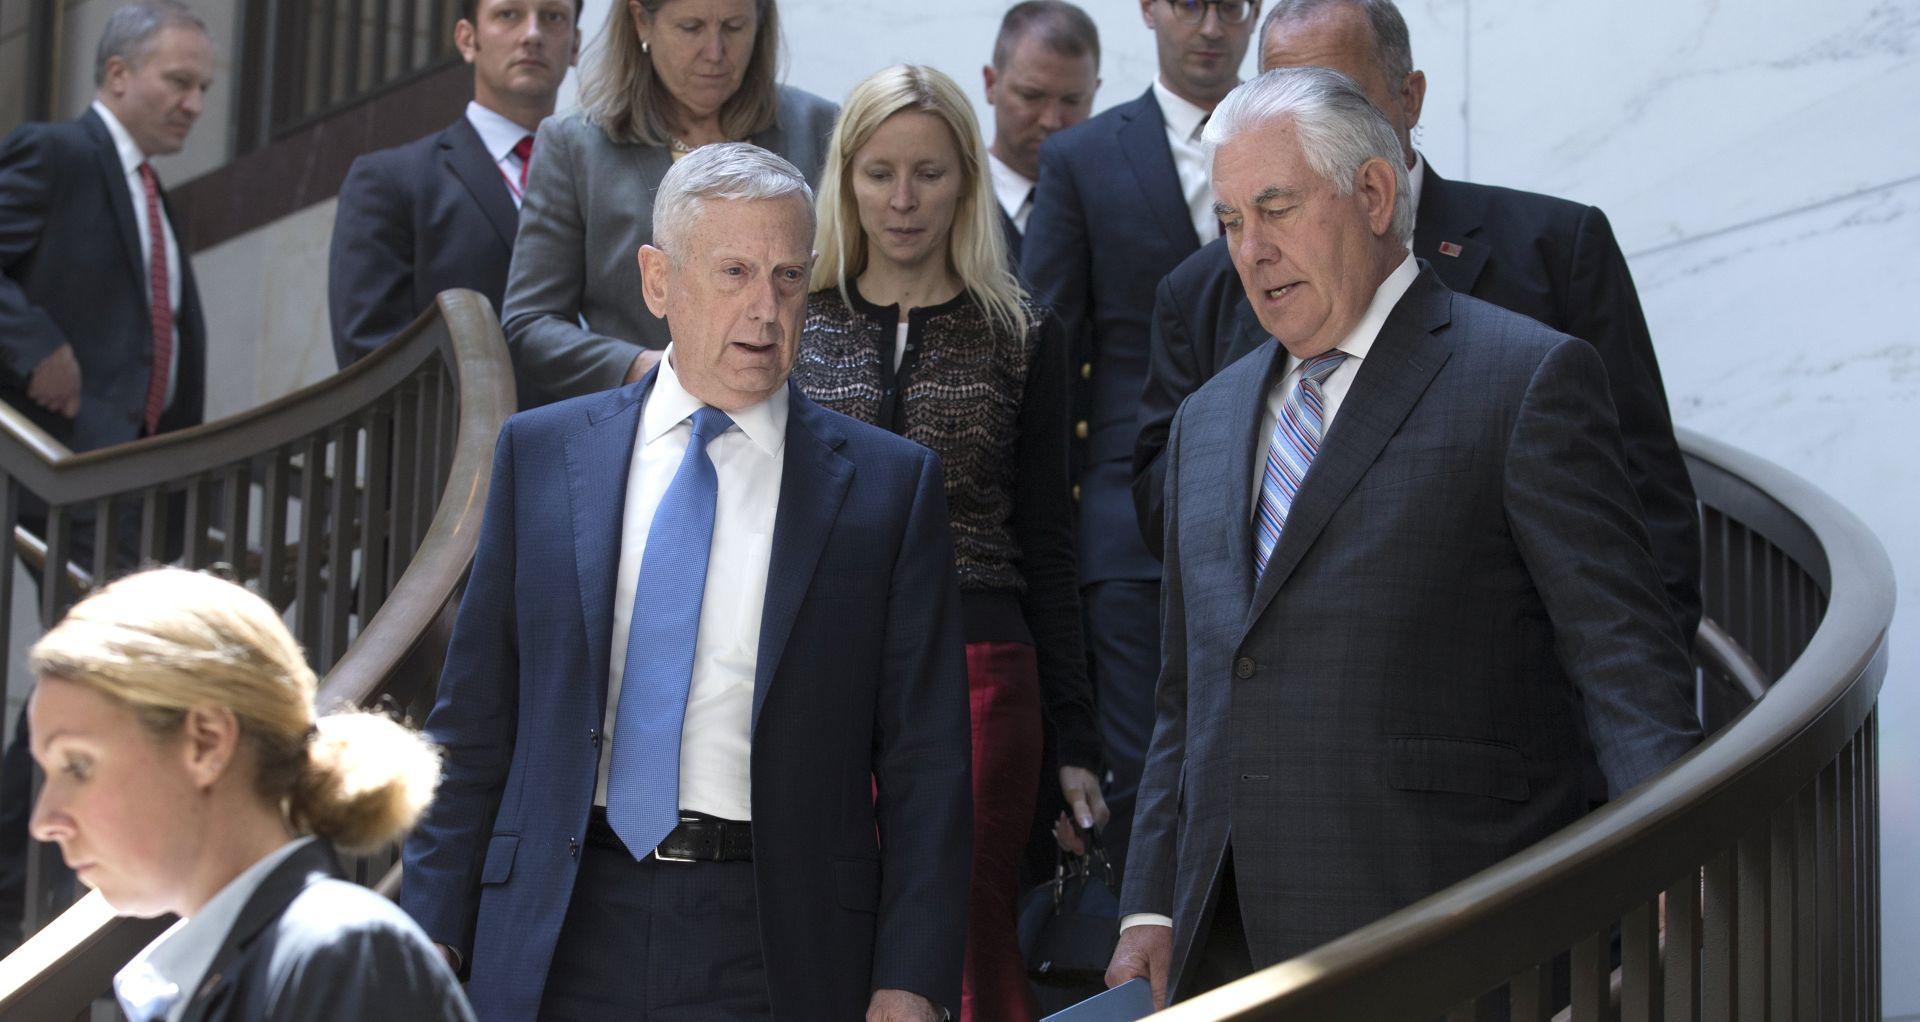 SAD nema dokaza za upotrebu sarina u Siriji